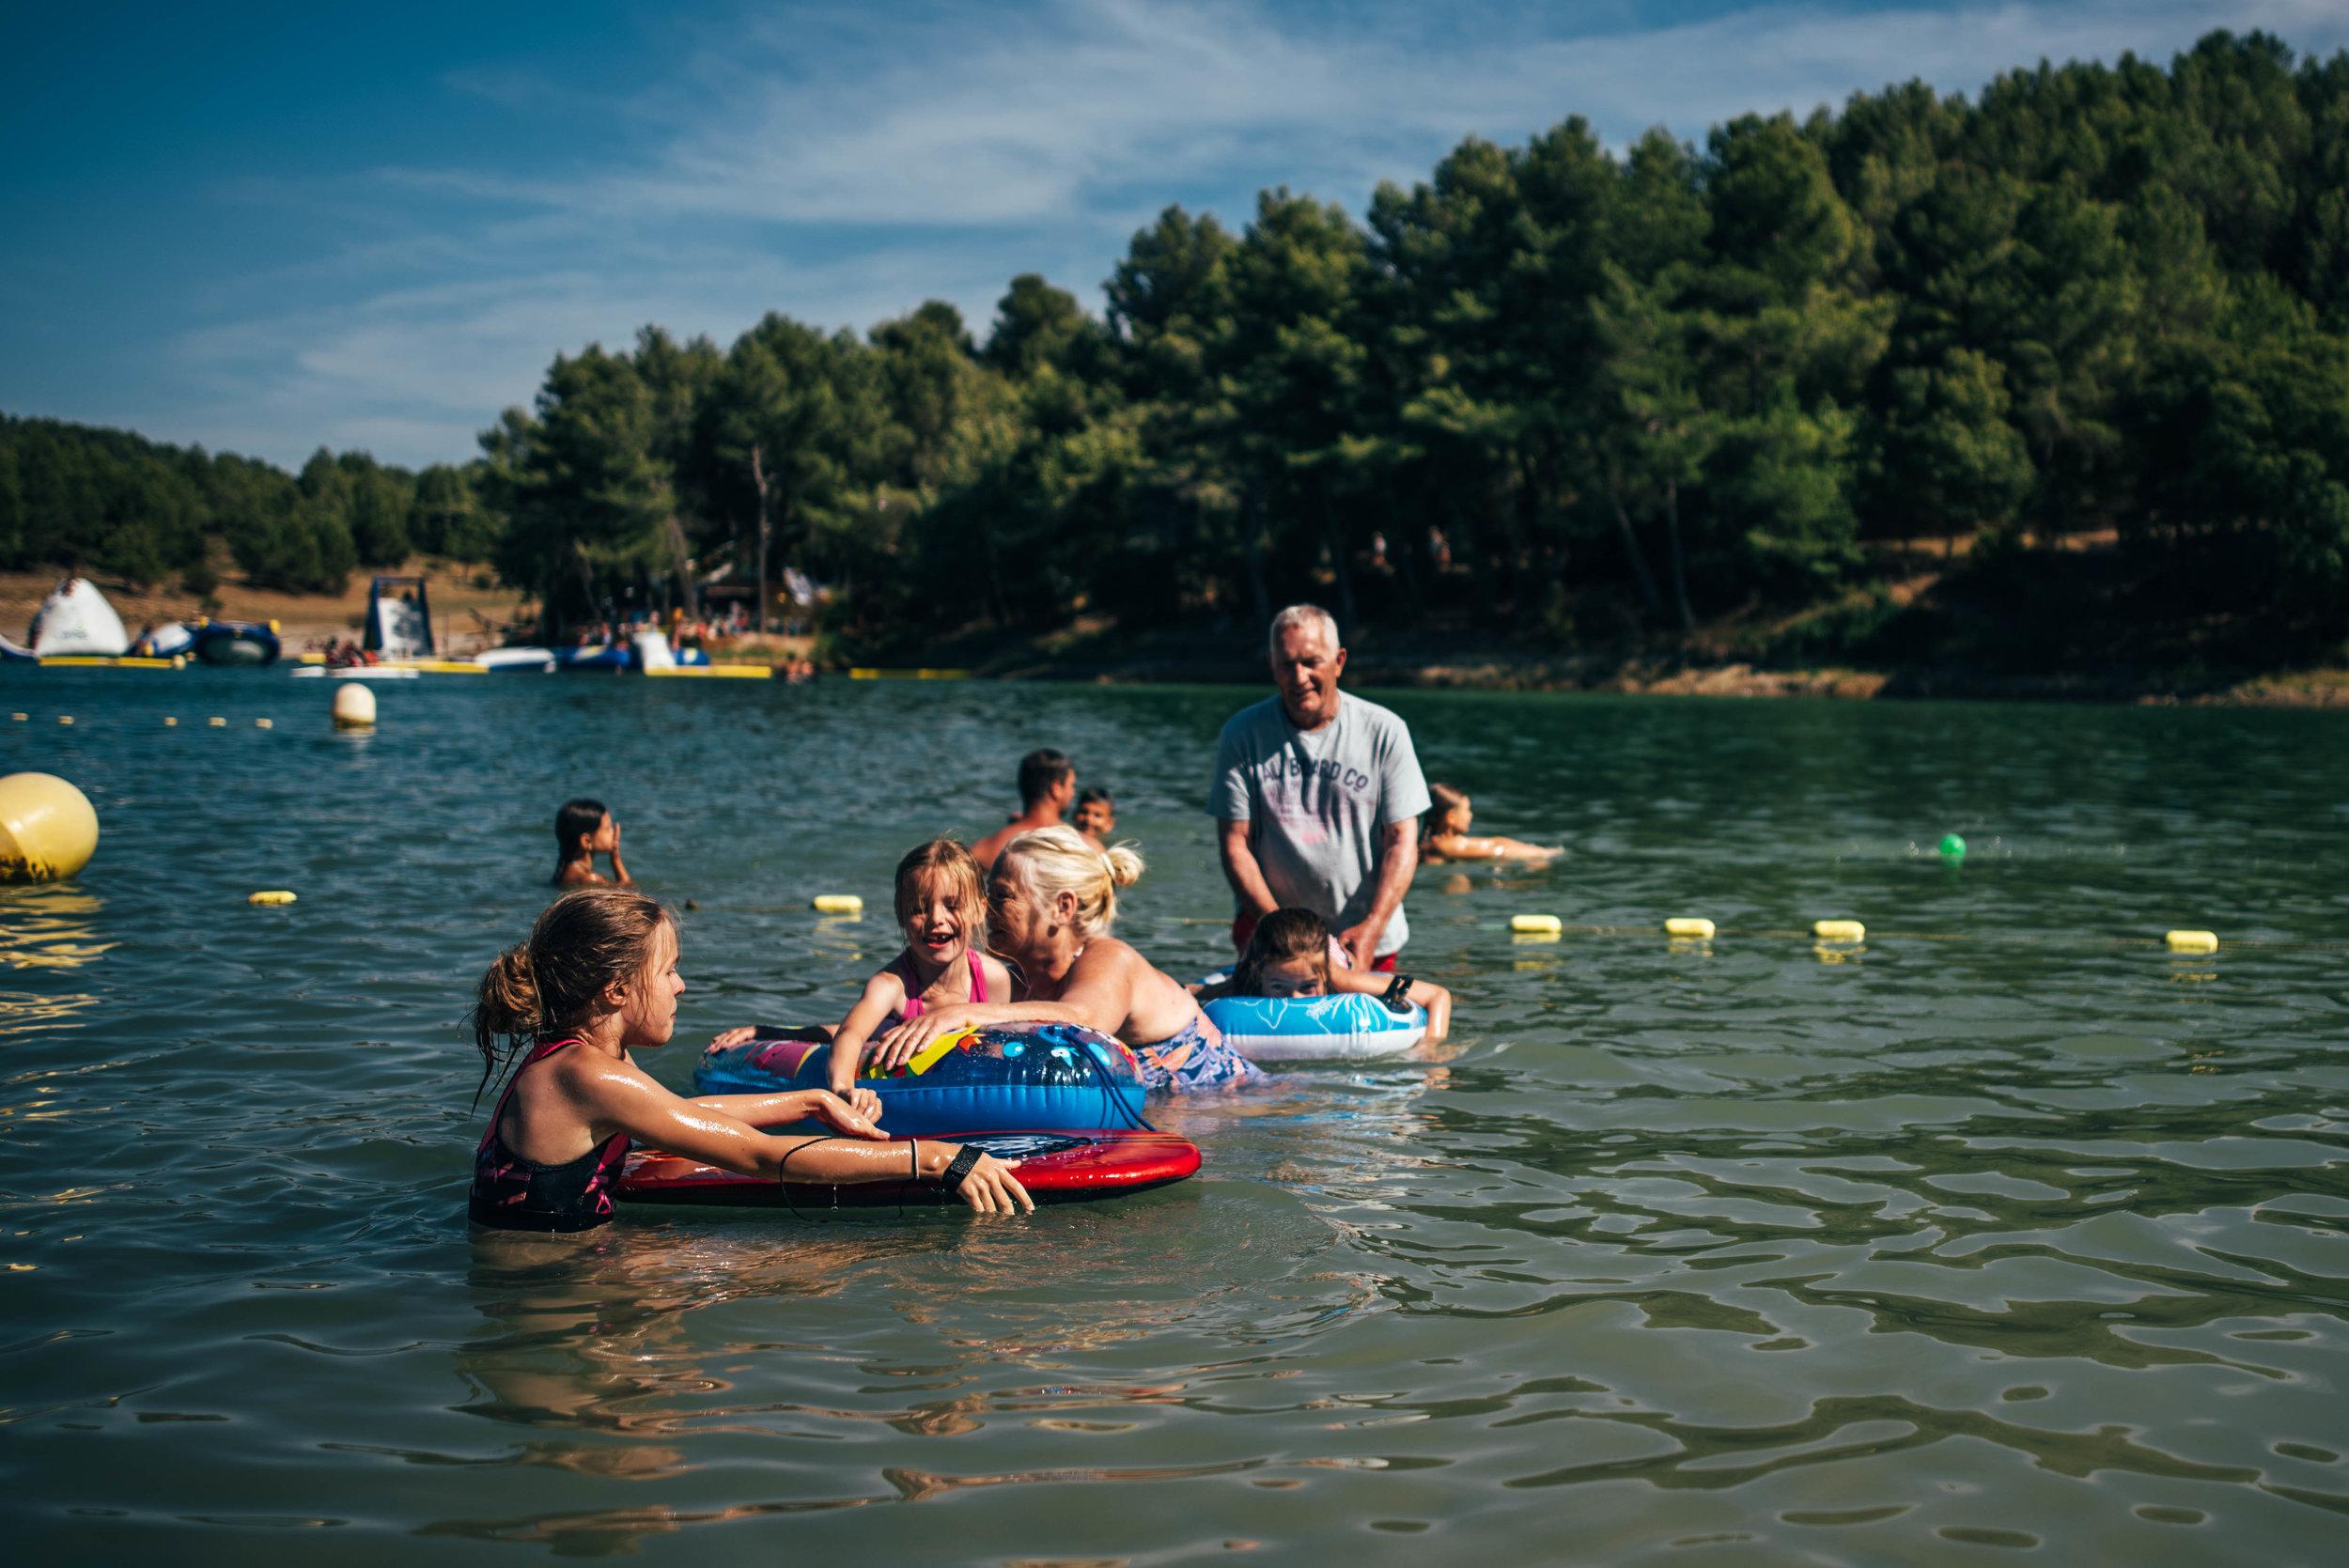 Family enjoy Lake Essex UK Documentary Photographer